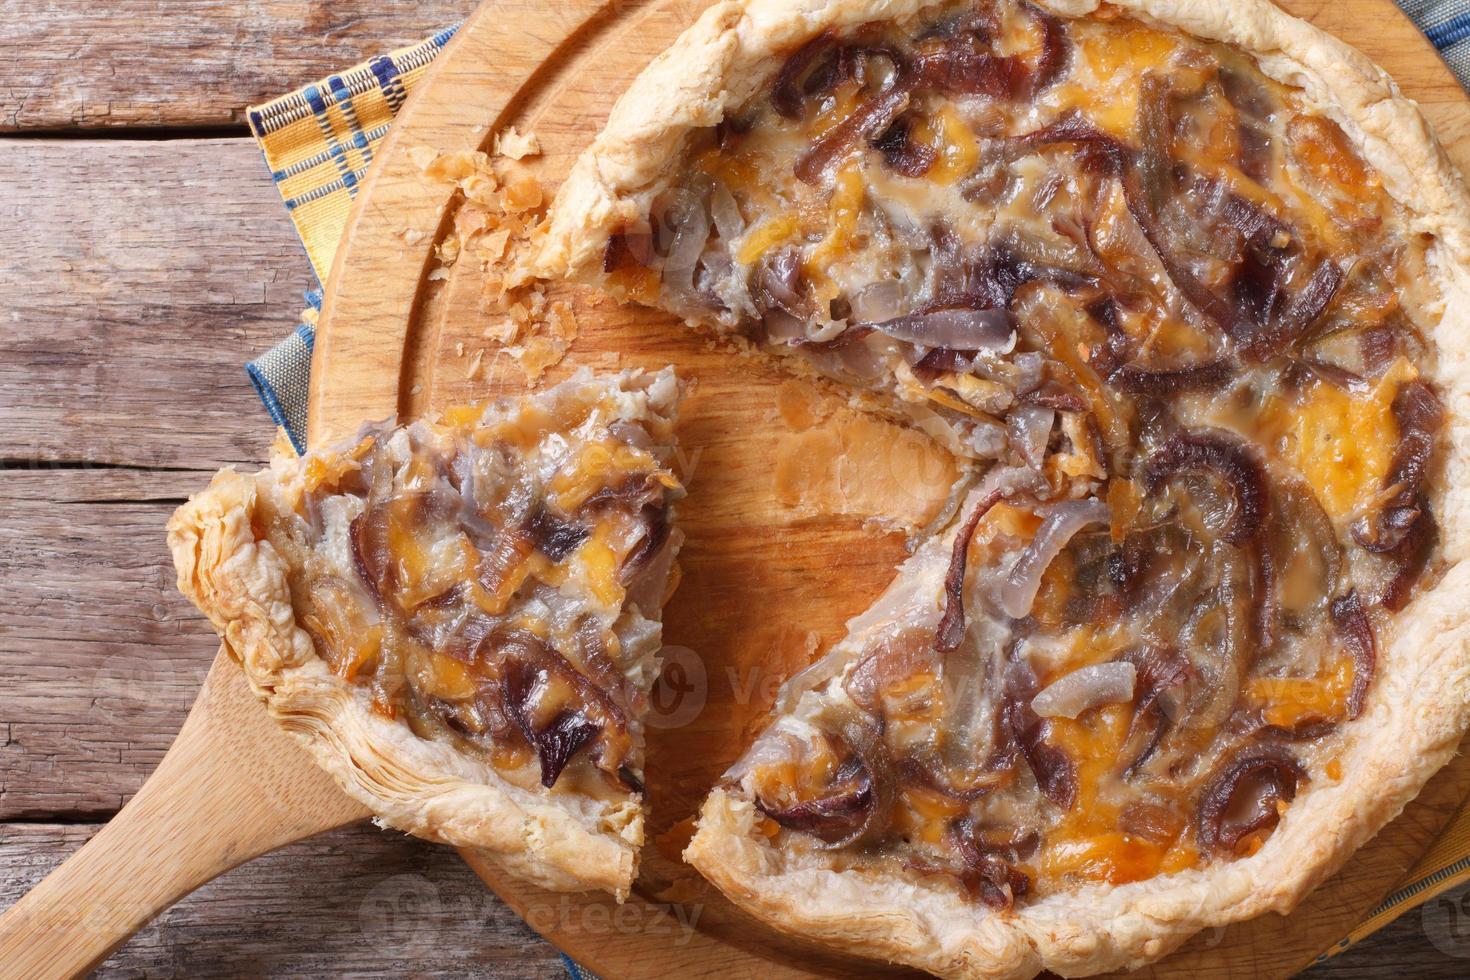 torta de cebola fatiada com vista superior horizontal de queijo foto